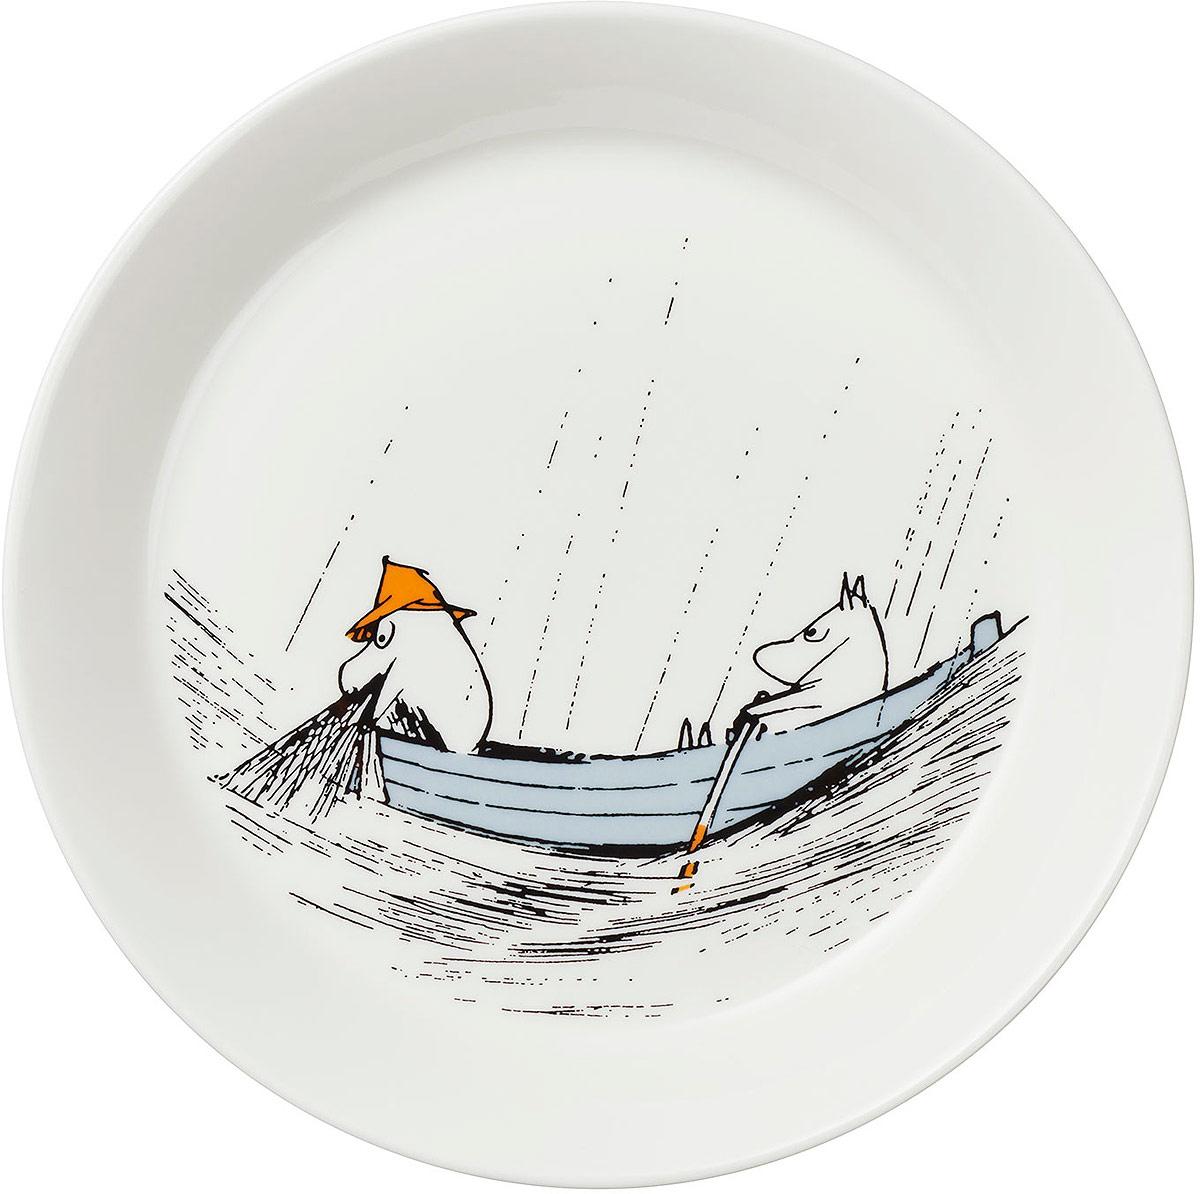 Посуда очень функциональная, удобная, долговечная и стойкая к износу. При этом она выглядит очень оригинально и изысканно. Является идеальным подарком, для любимых и близких, для себя, и для друзей.